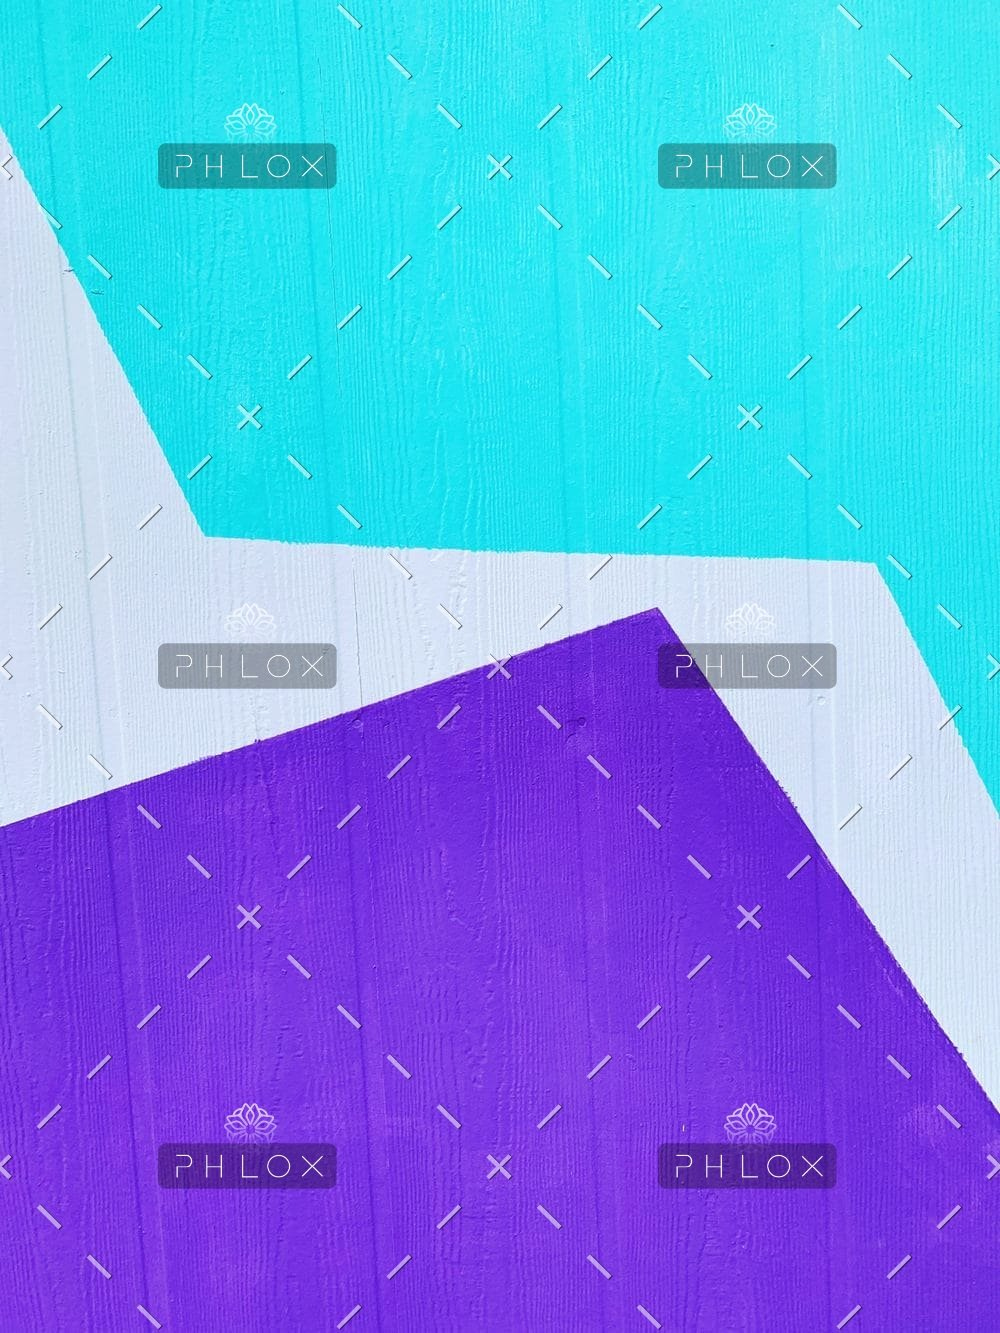 demo-attachment-248-bryan-garces-IXUM4cJynP0-unsplash